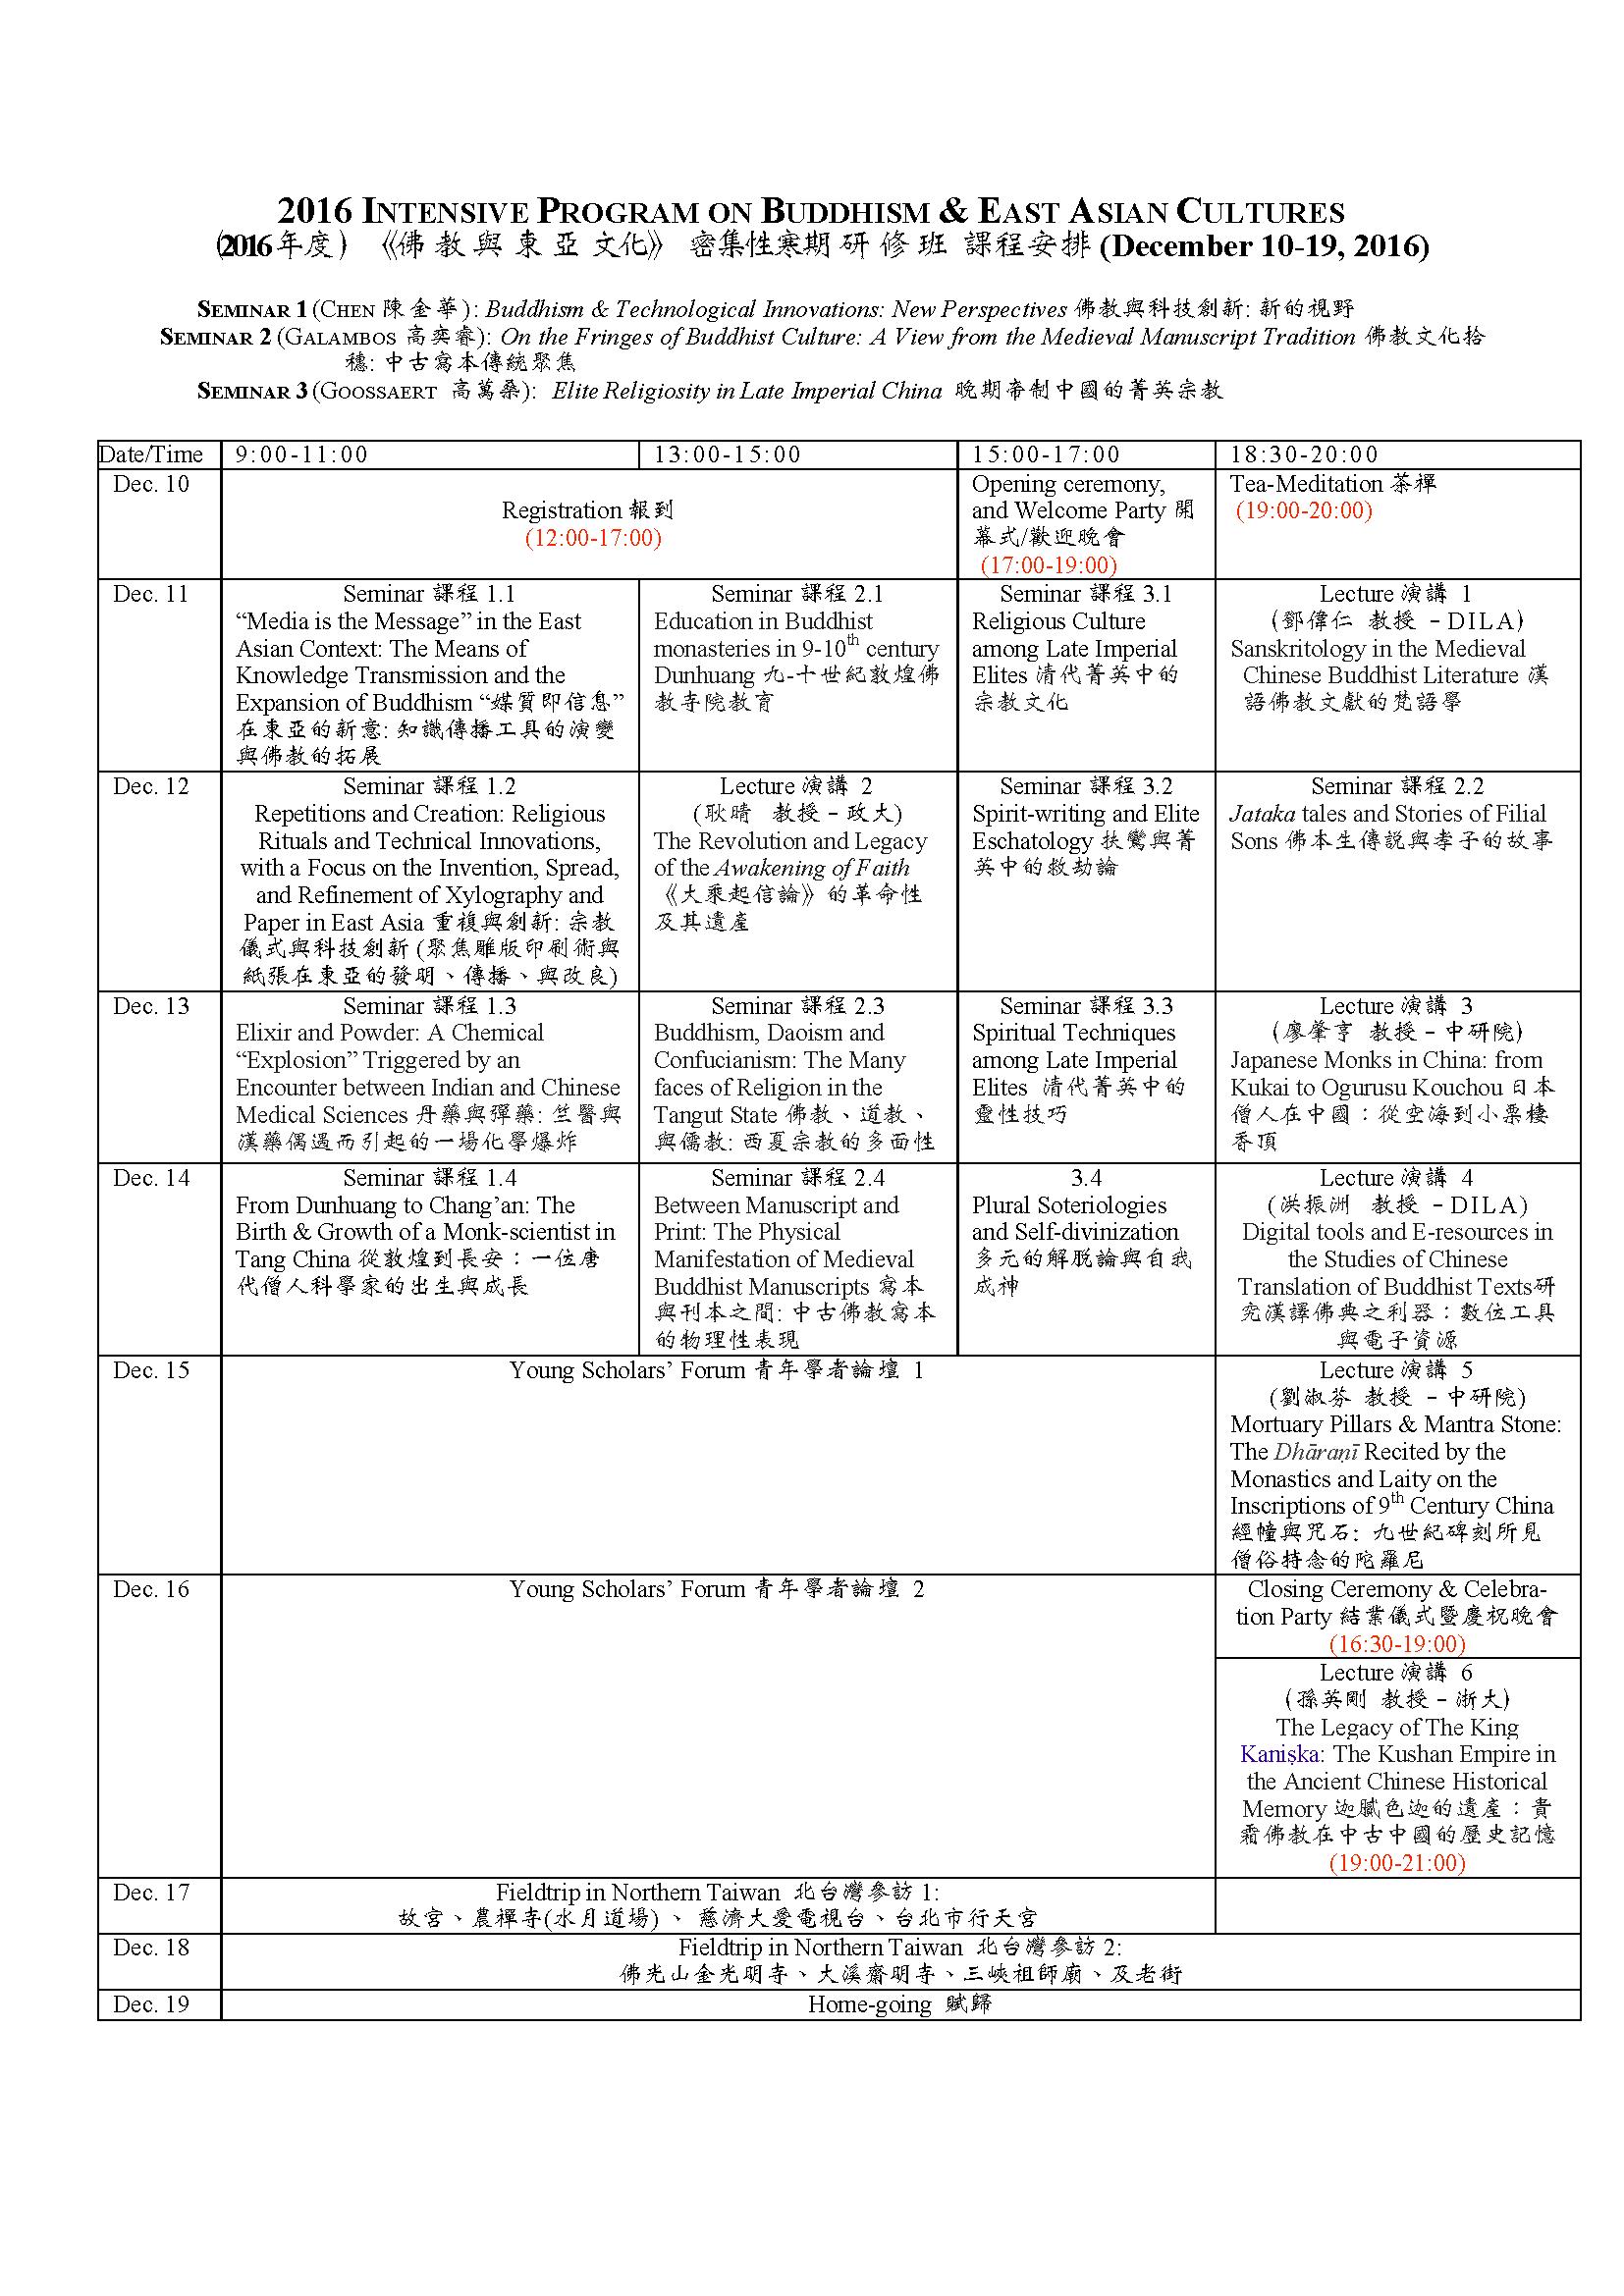 winter-program-schedule-2016